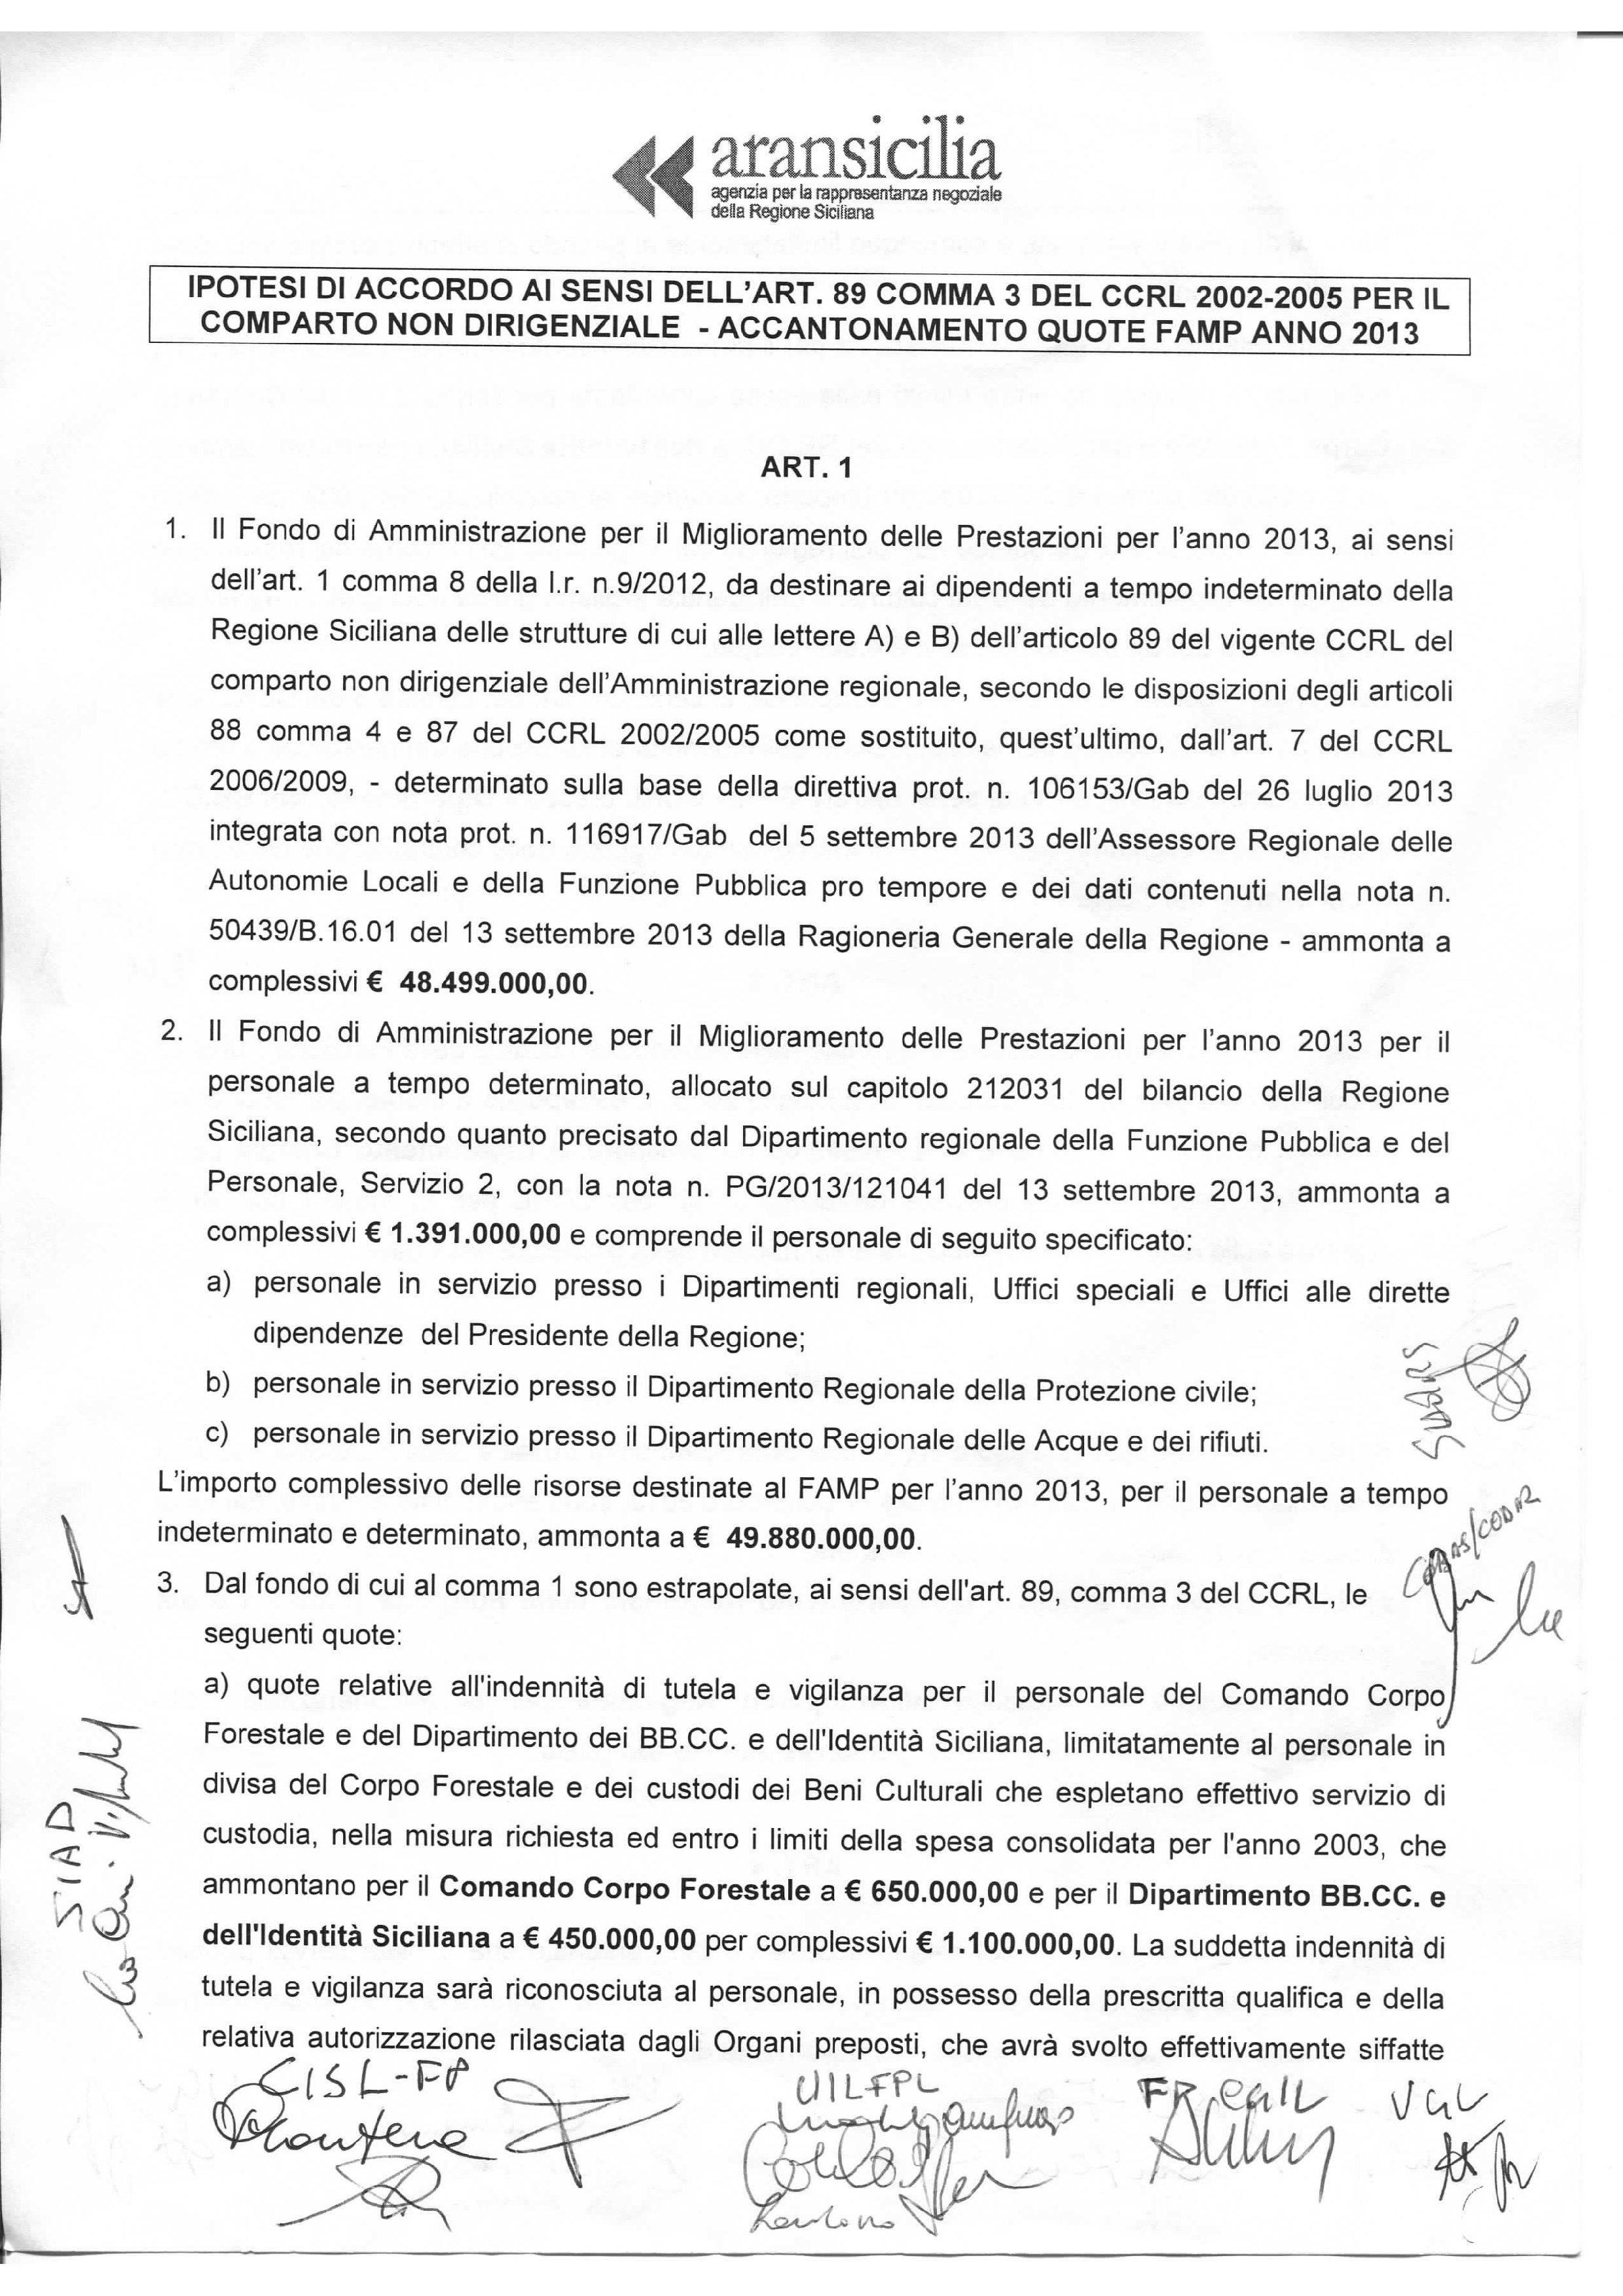 Ipotesi di accordo ai sensi dell'art. 89 comma 3 del CCRL 2002-2005 - Famp 2013